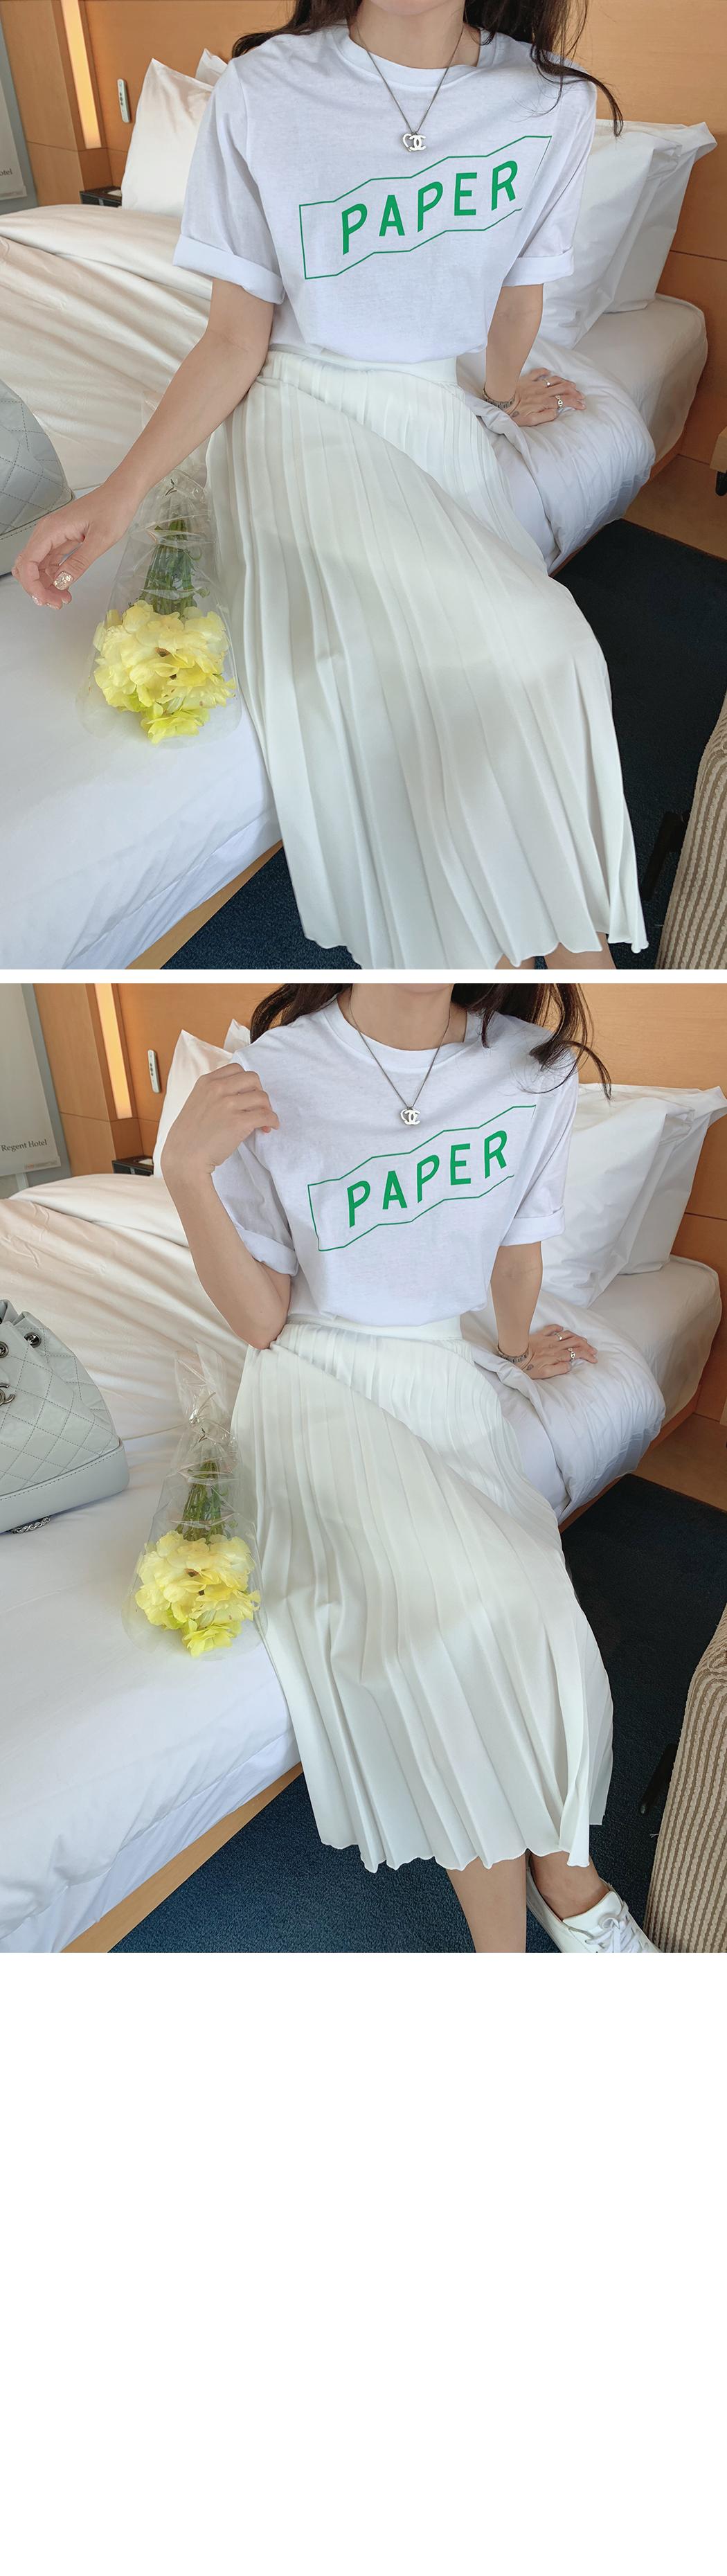 'PAPER' printing short sleeve tee